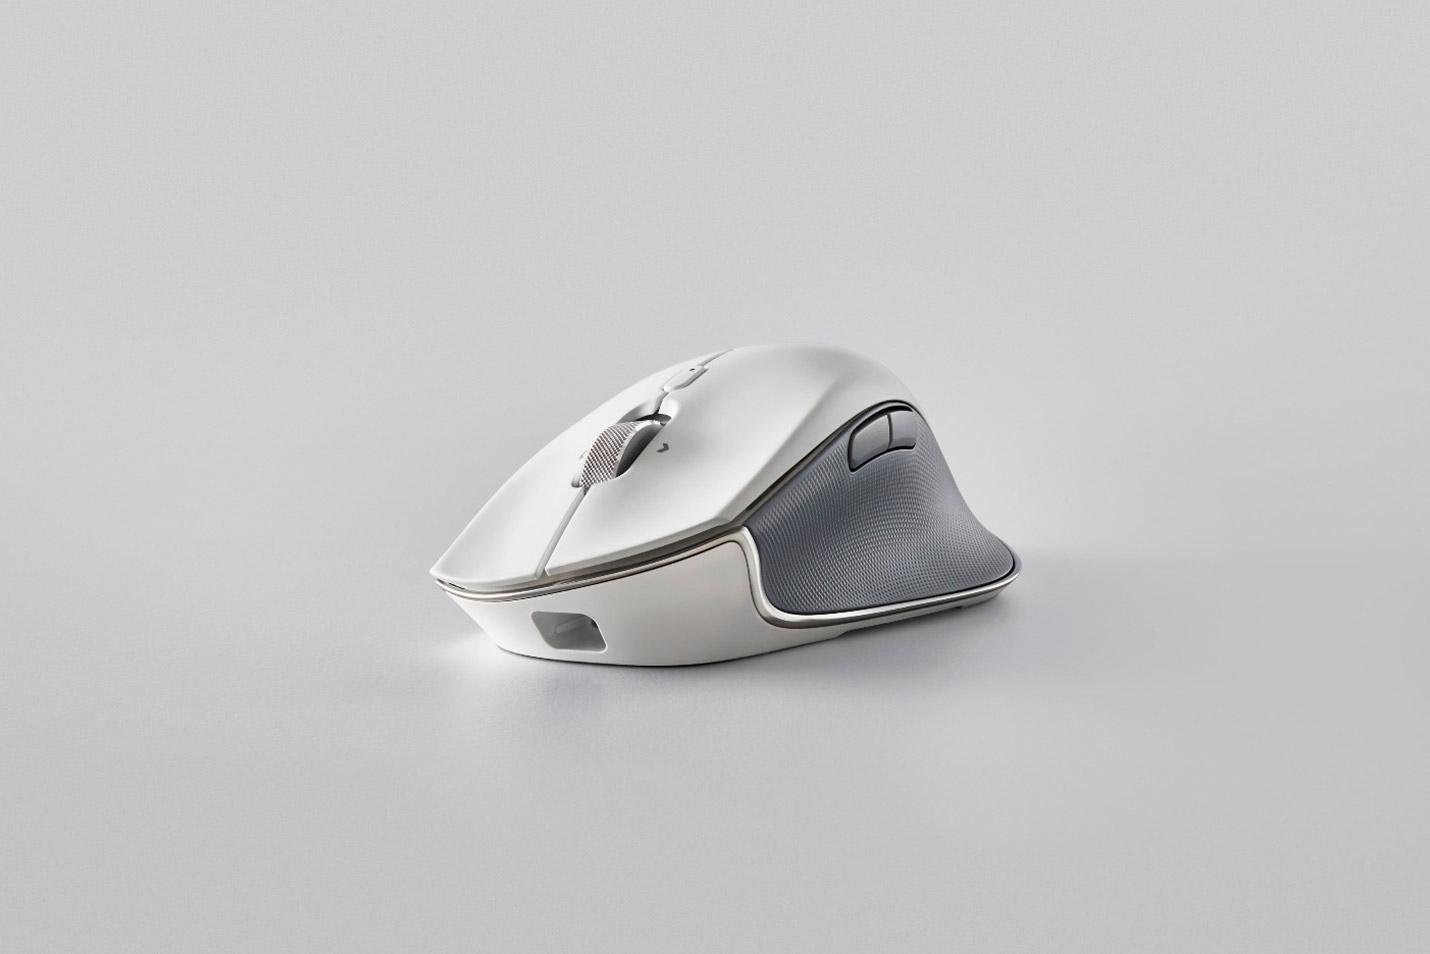 Беспроводная мышь Razer Pro Click